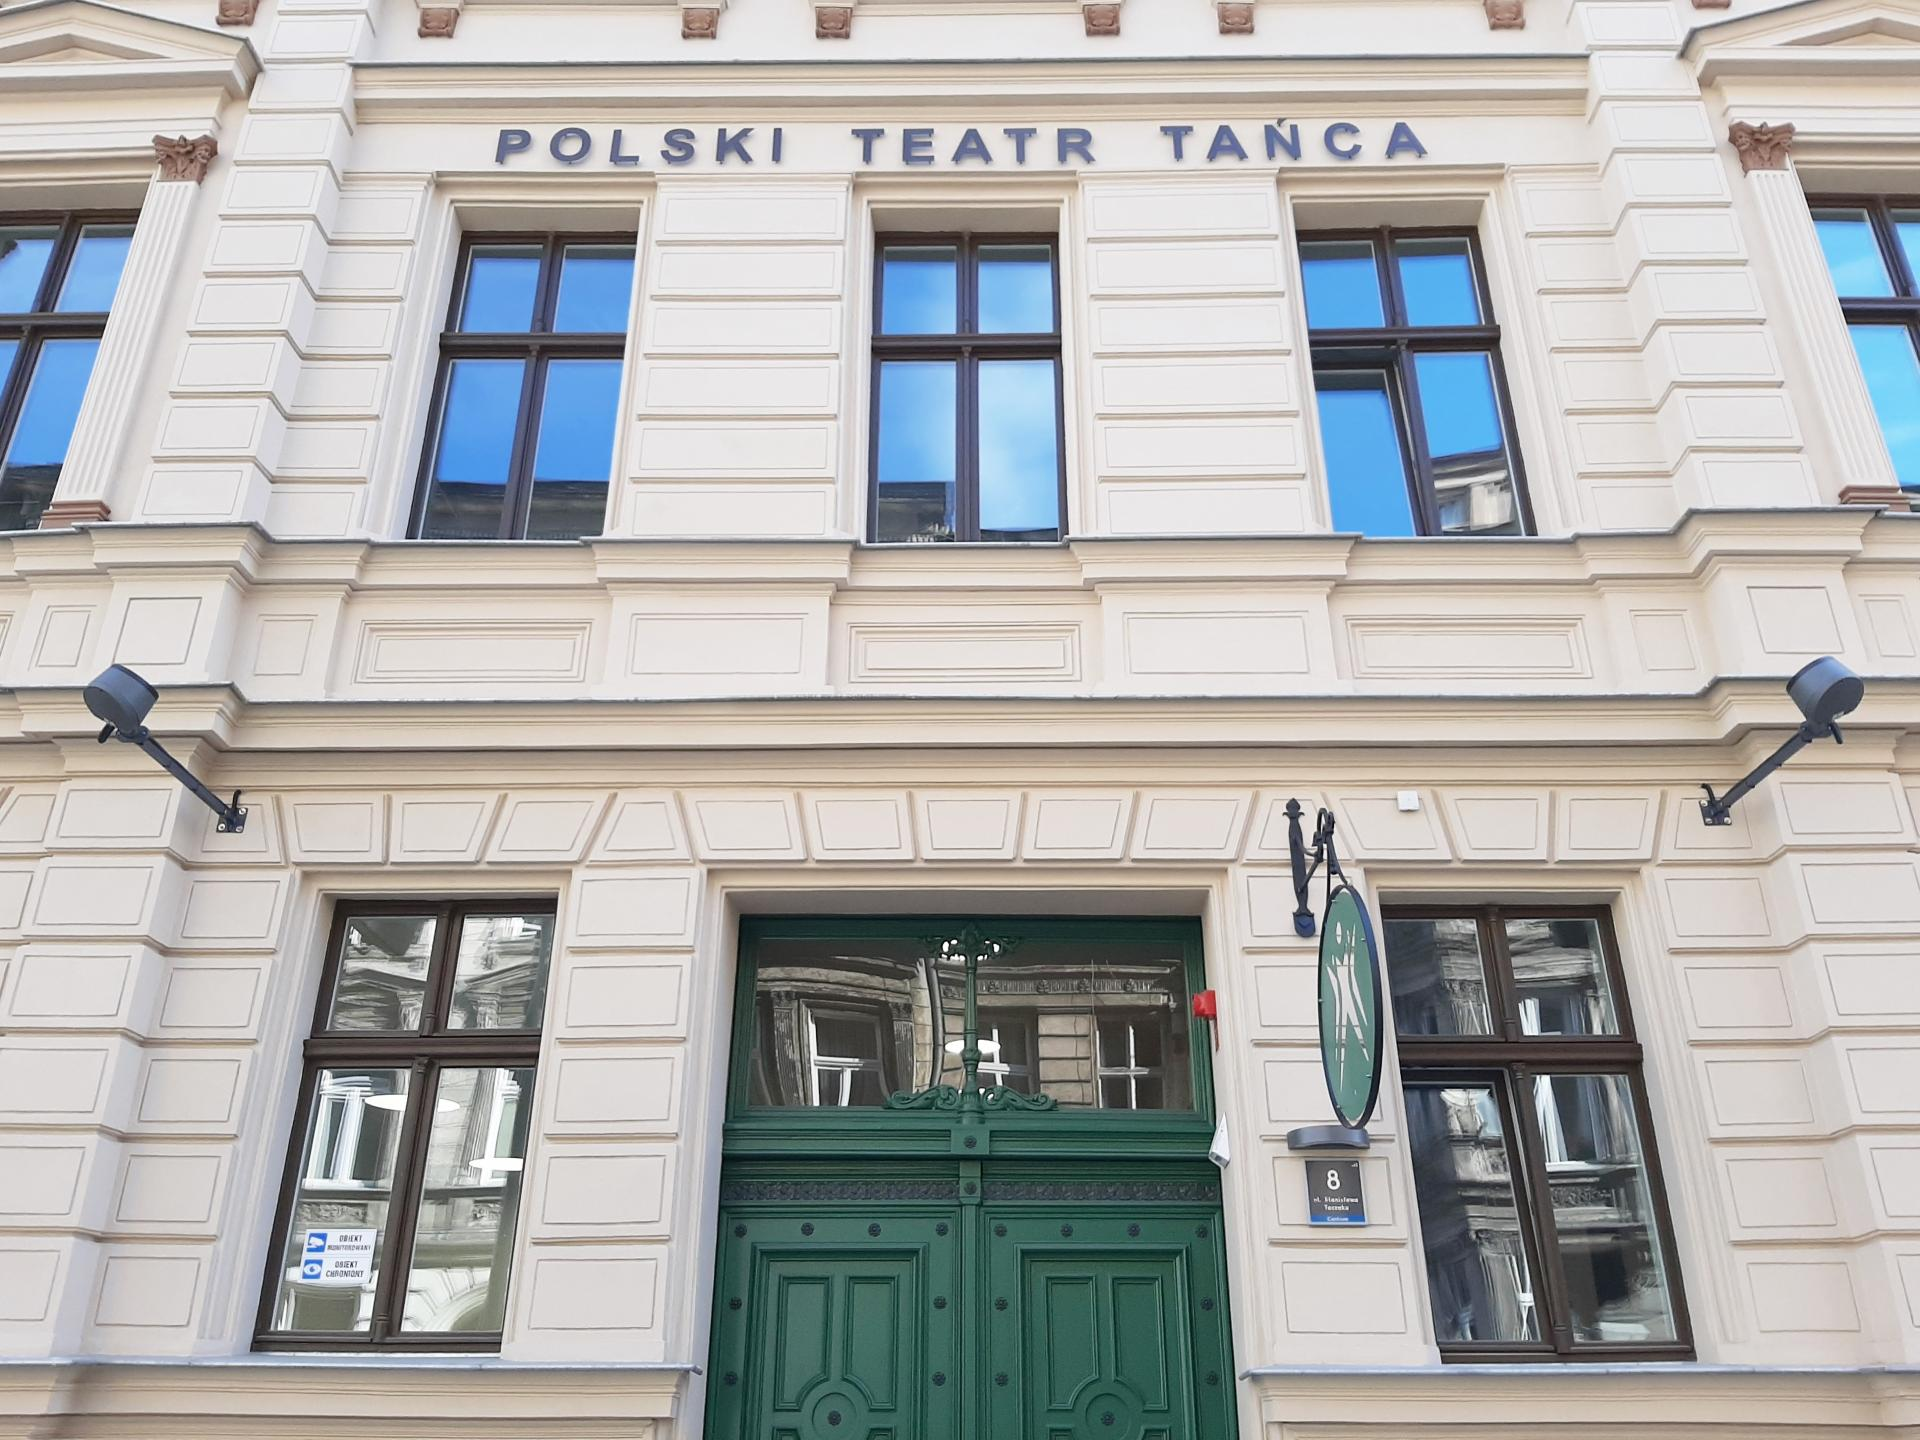 Nowy, piękny dom dla Polskiego Teatru Tańca. Wideo  - zobacz więcej